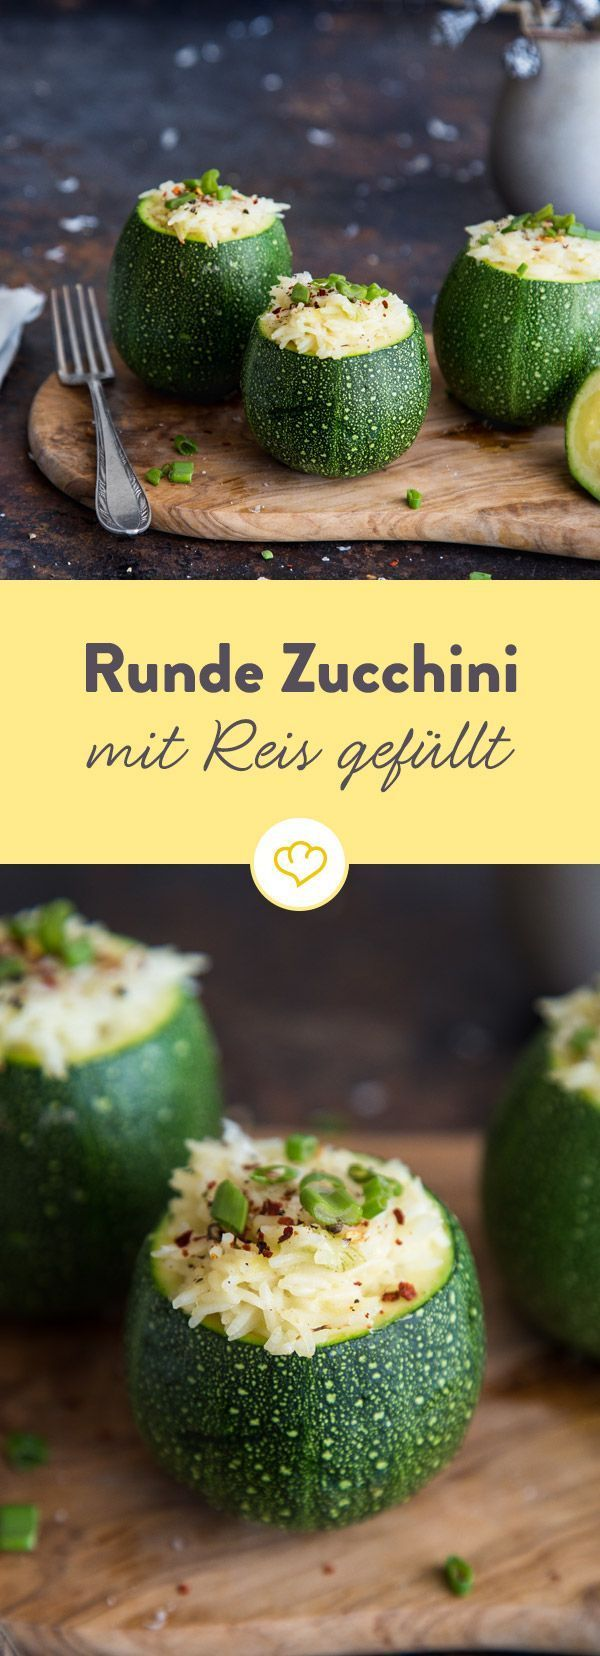 runde zucchini gef llt mit reis und scamorza rezept salate pinterest zucchini reis und. Black Bedroom Furniture Sets. Home Design Ideas